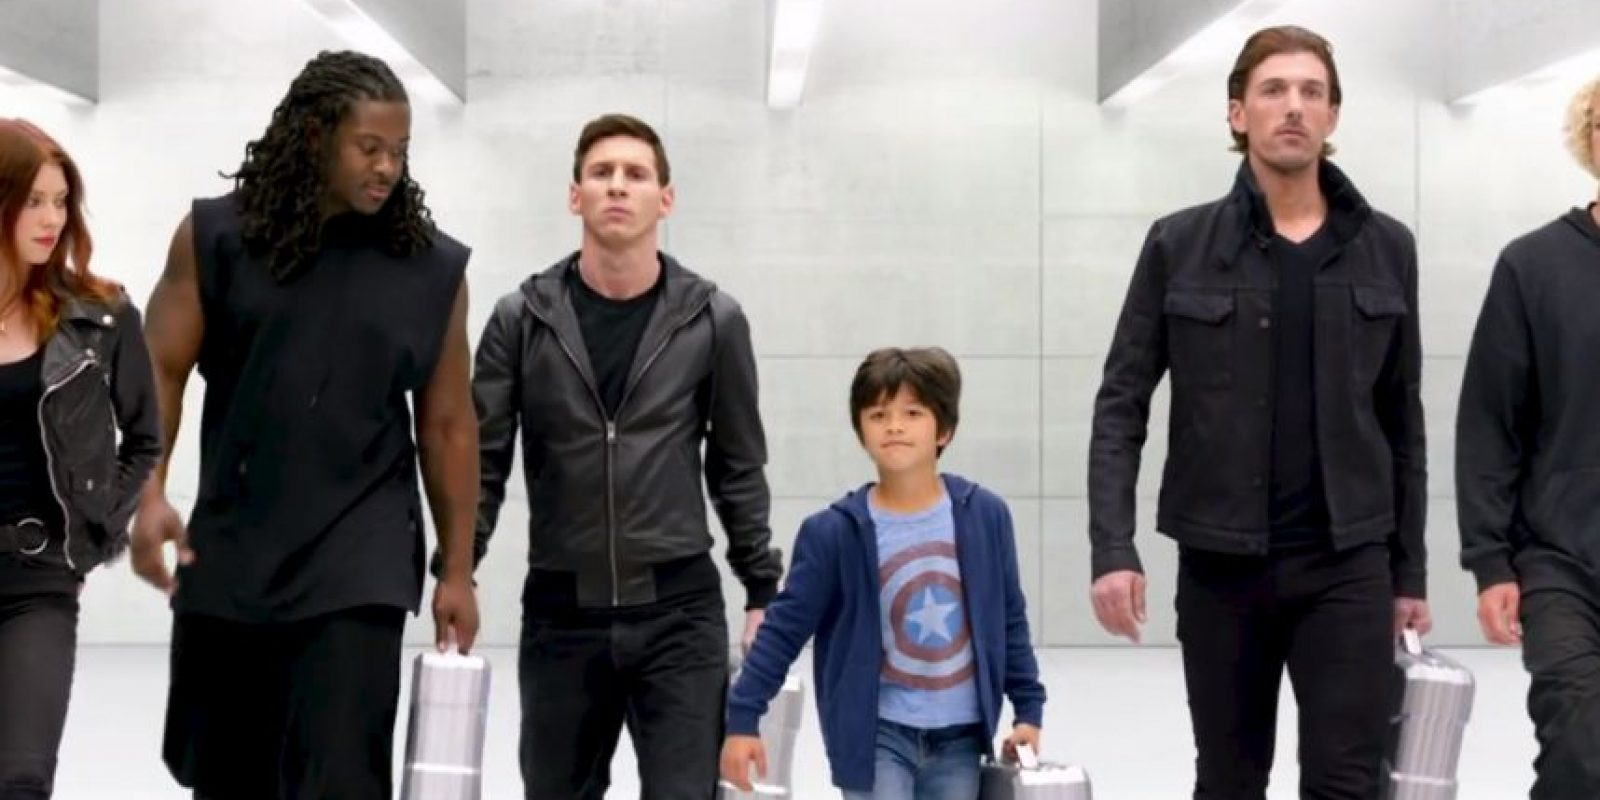 """Lionel Messi es convocado con otros cinco reclutas para personificar a """"Los Vengadores"""". Foto:vía/Youtube Samsung"""